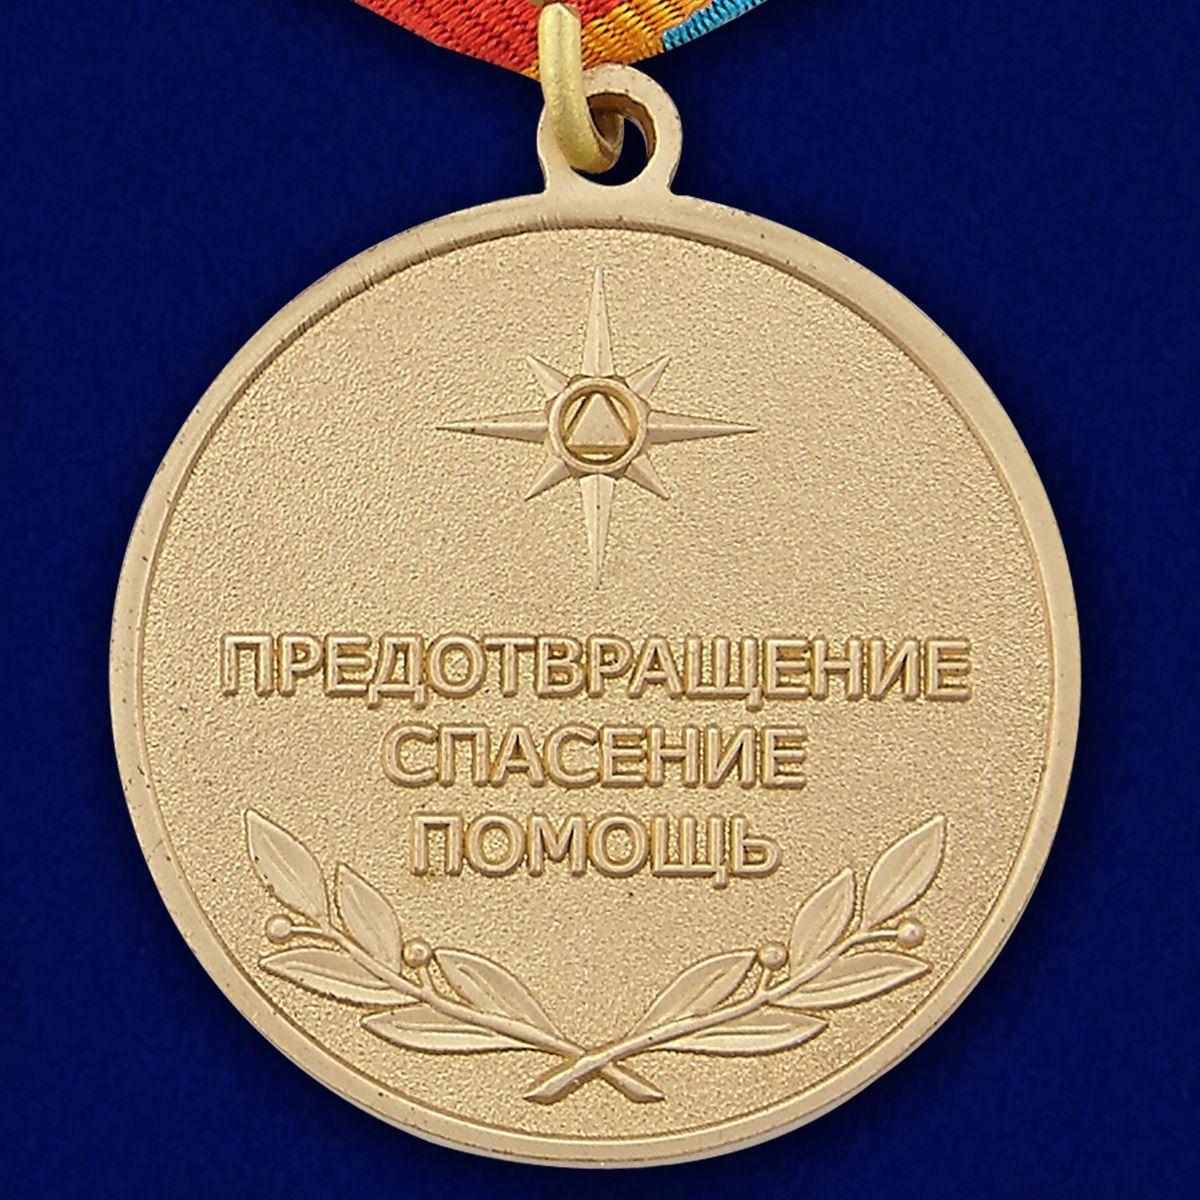 Юбилейная медаль МЧС (к 25-летию) с удобной доставкой